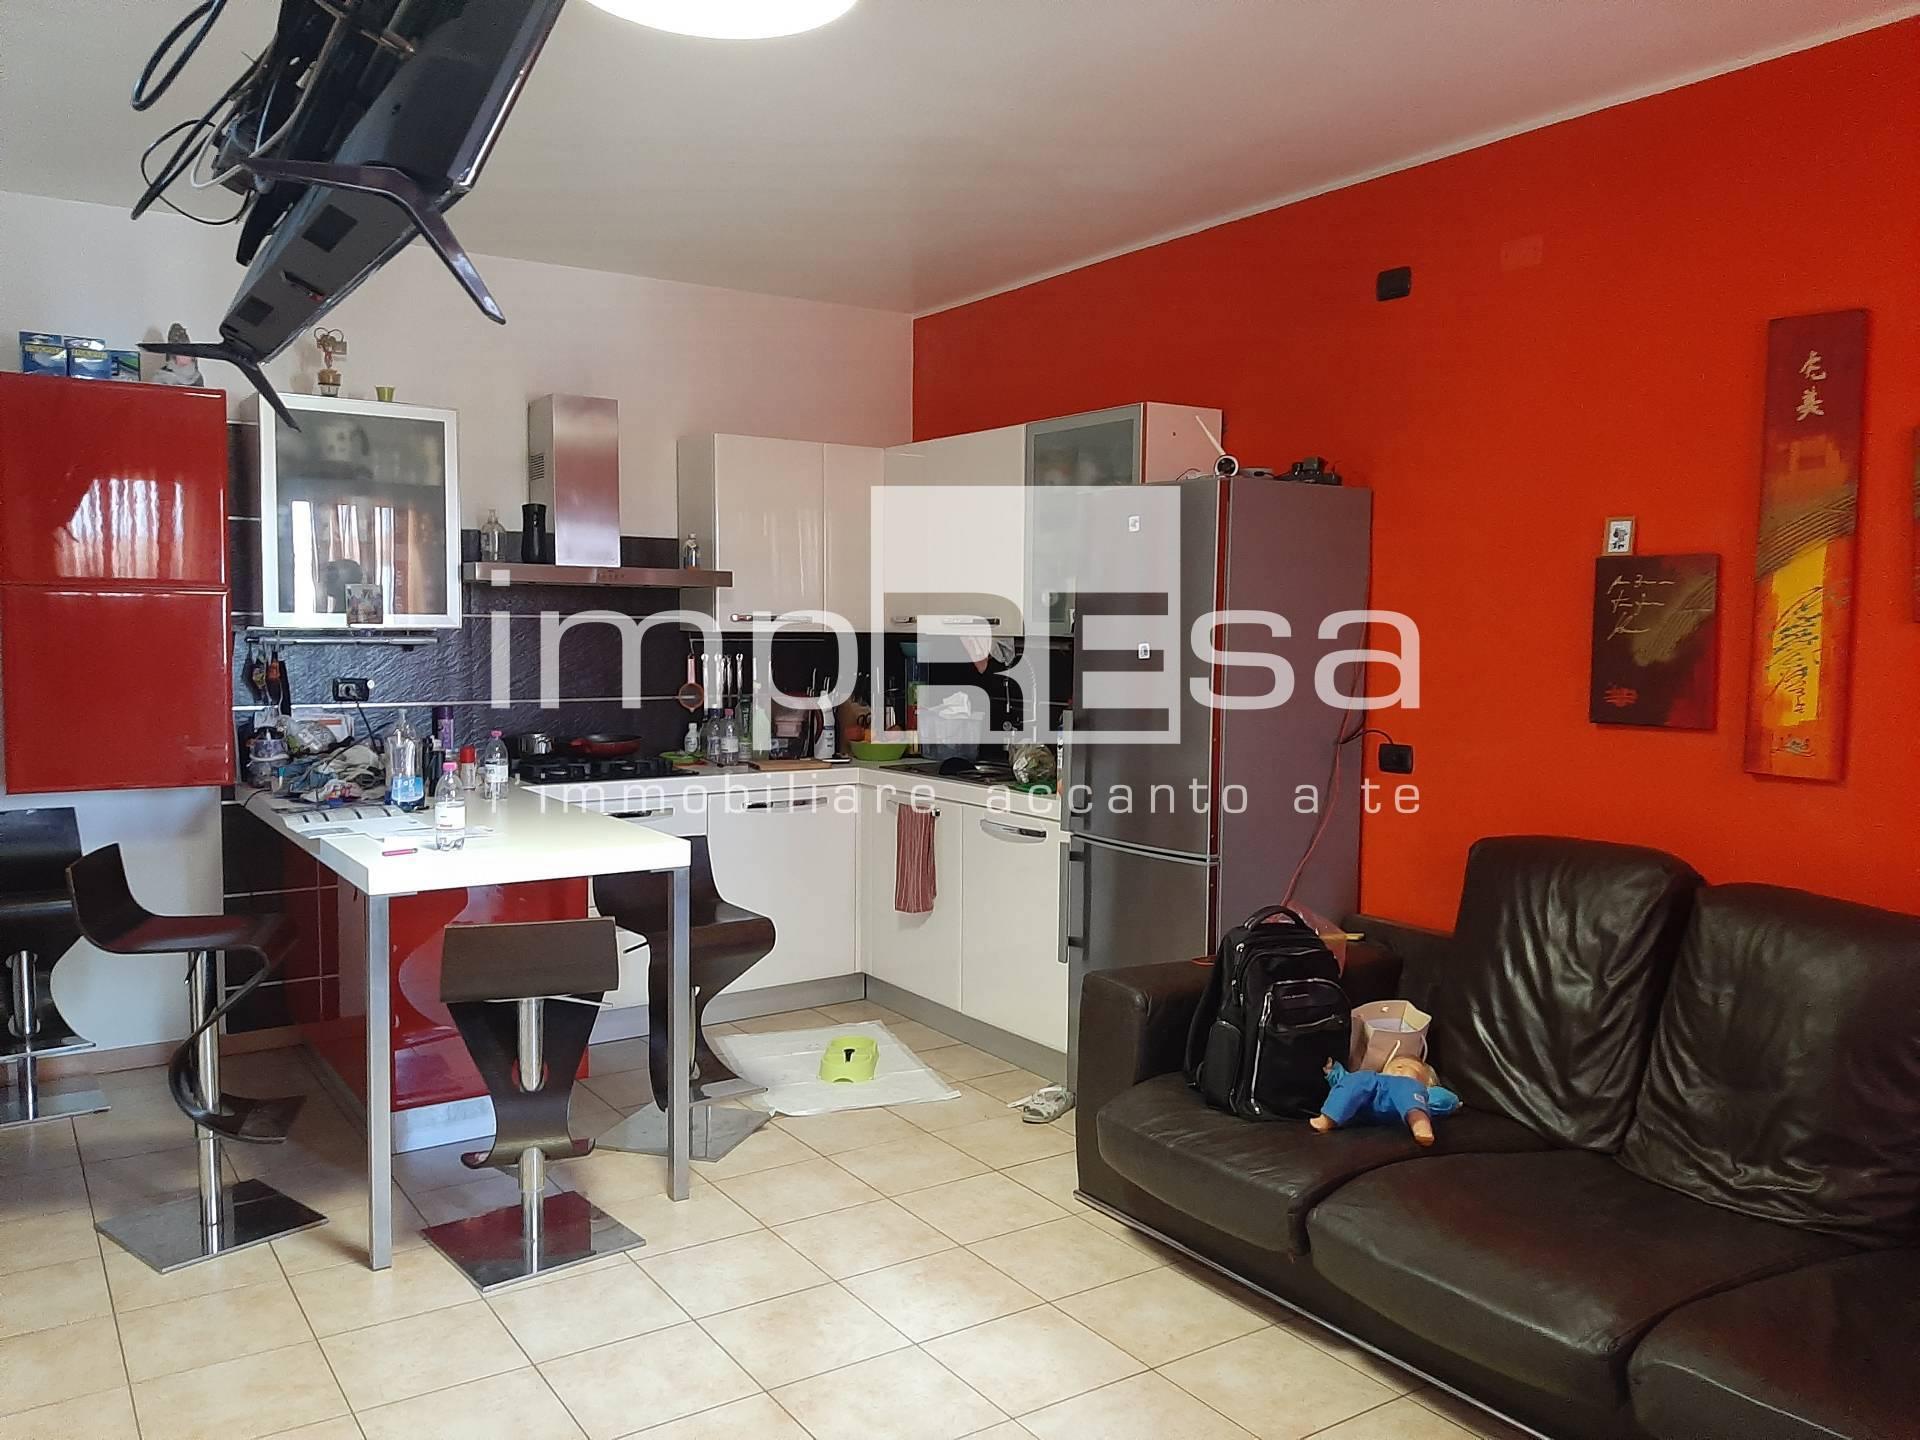 Appartamento in vendita a Trevignano, 2 locali, zona Località: Musano, prezzo € 125.000 | CambioCasa.it